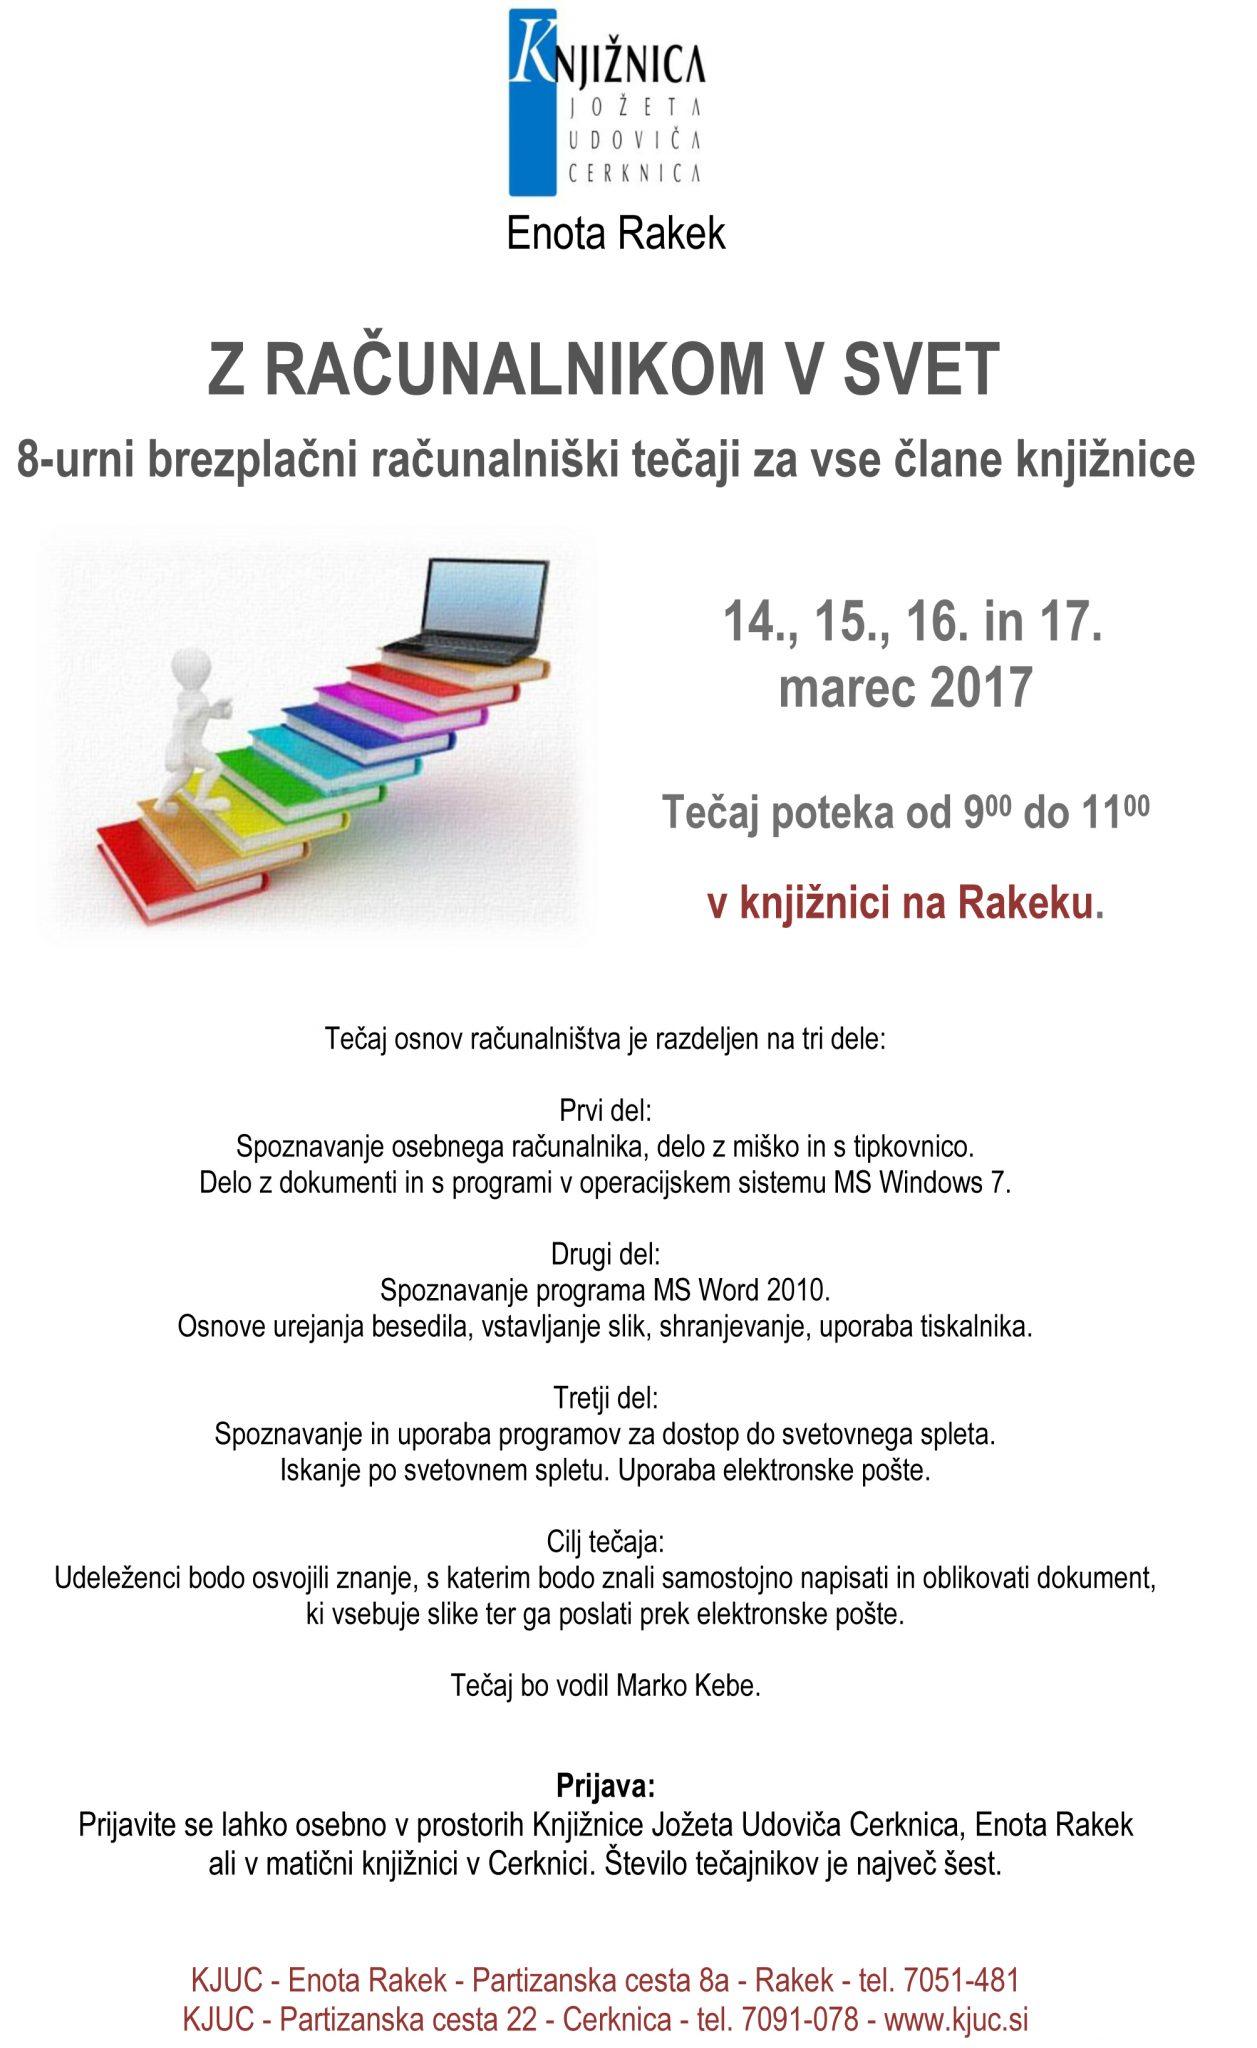 R racunalniski tecaji 2017 - Z računalnikom v svet - 8-urni brezplačni računalniški tečaj za vse člane knjižnice